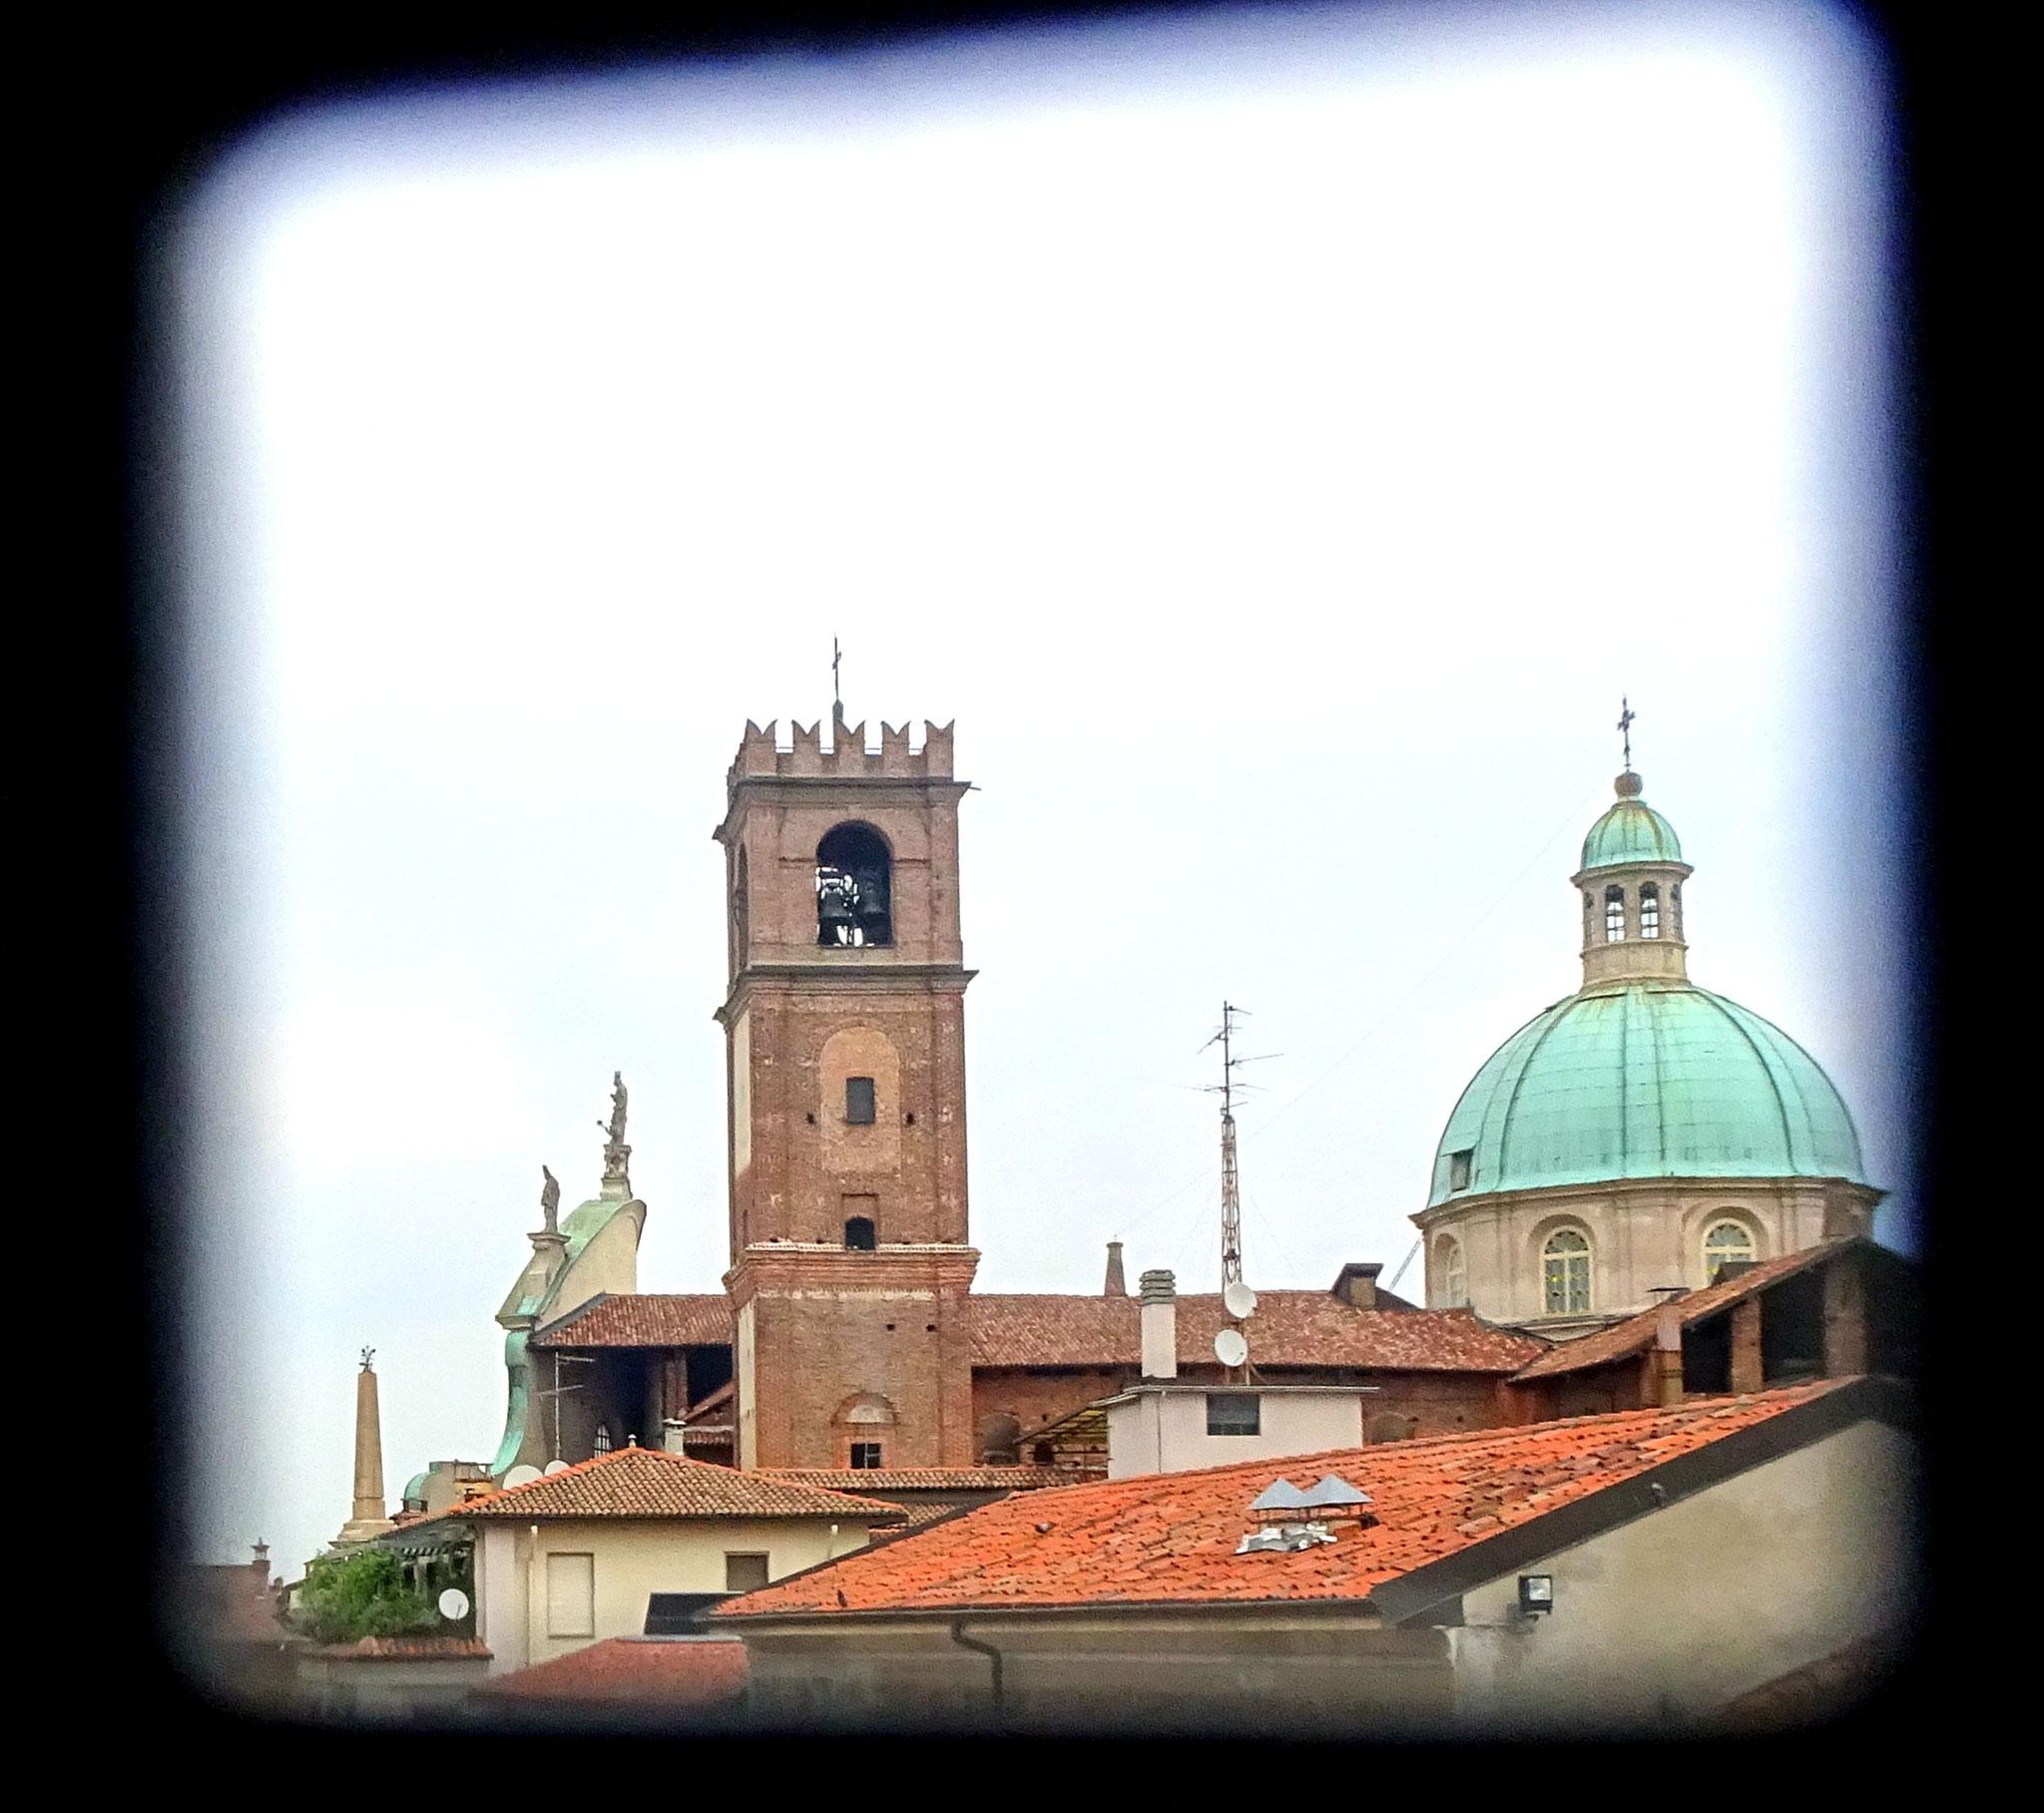 Vue du Château Visconti sur la cathédrale de Vigevano